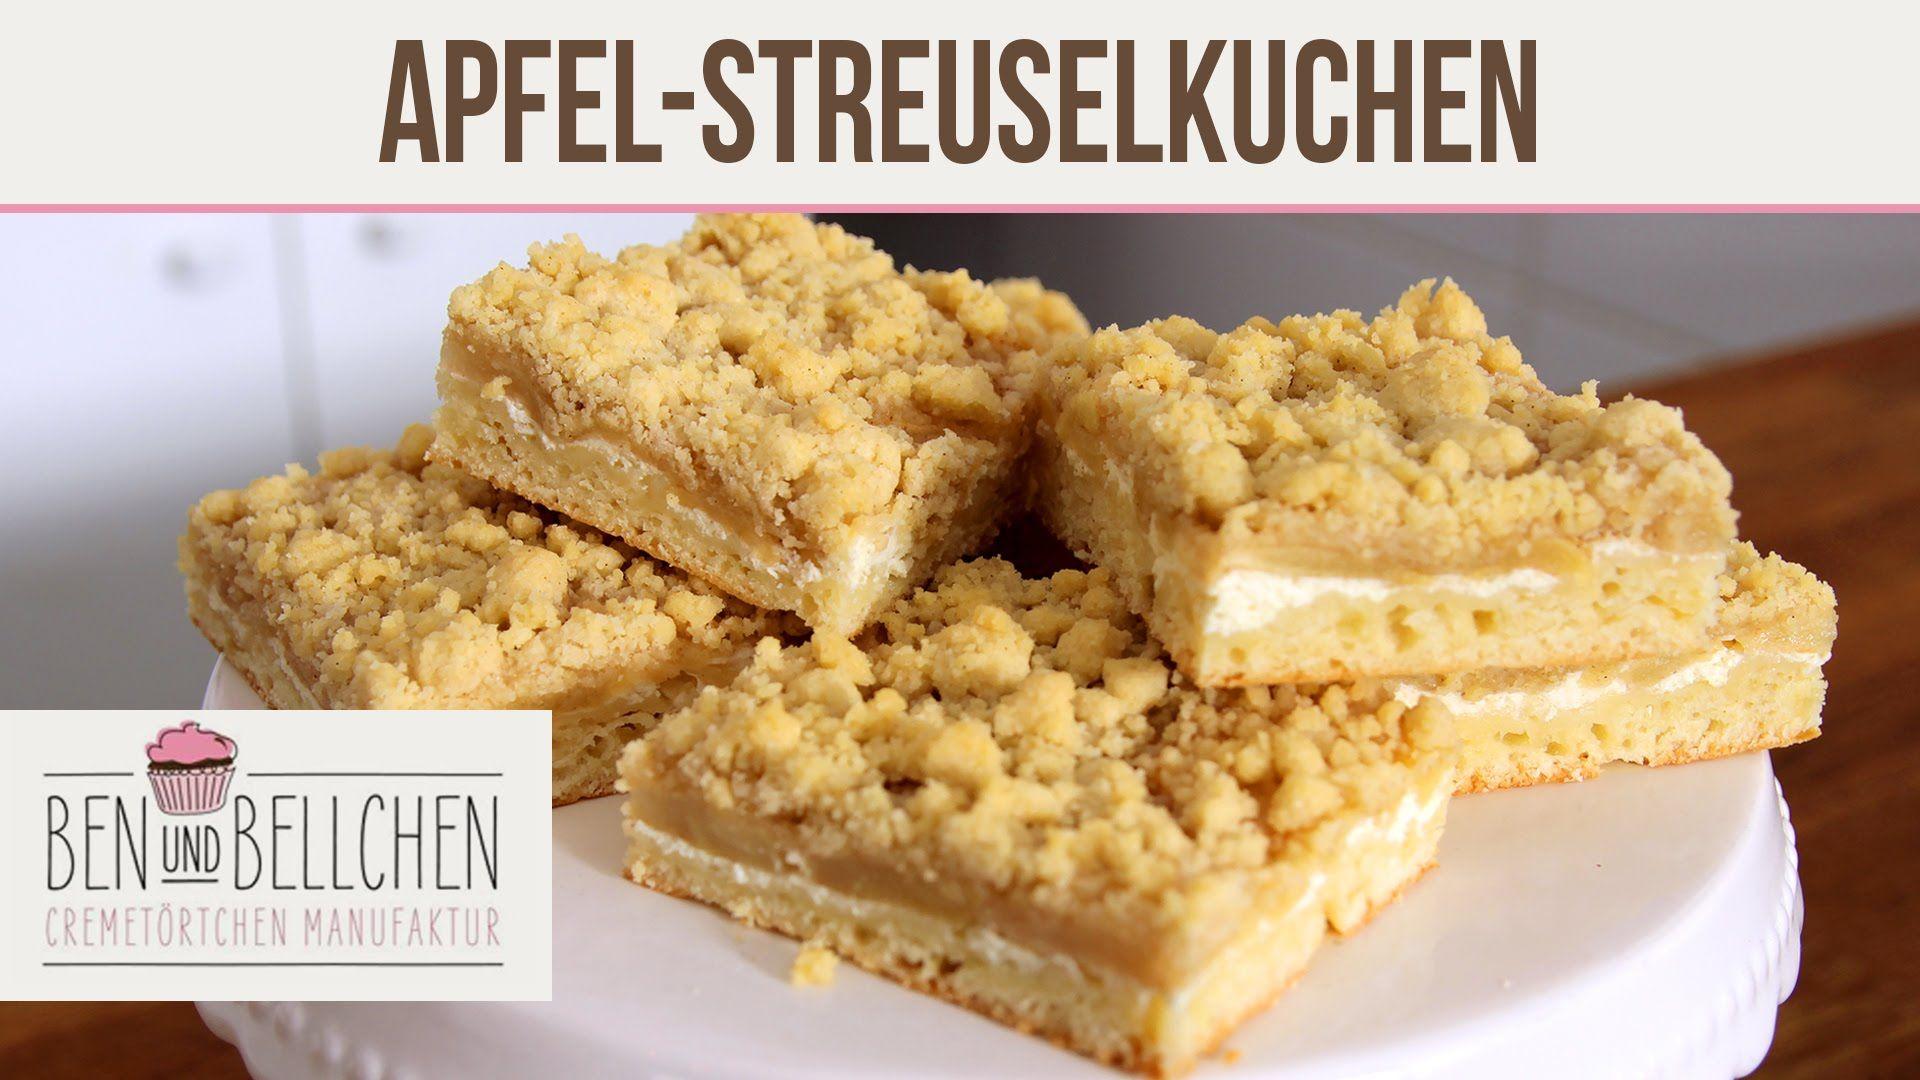 Saftiger Apfel Streuselkuchen Ben Und Bellchen Apfelblechkuchen Mit Streusel Kuchen Und Streuselkuchen